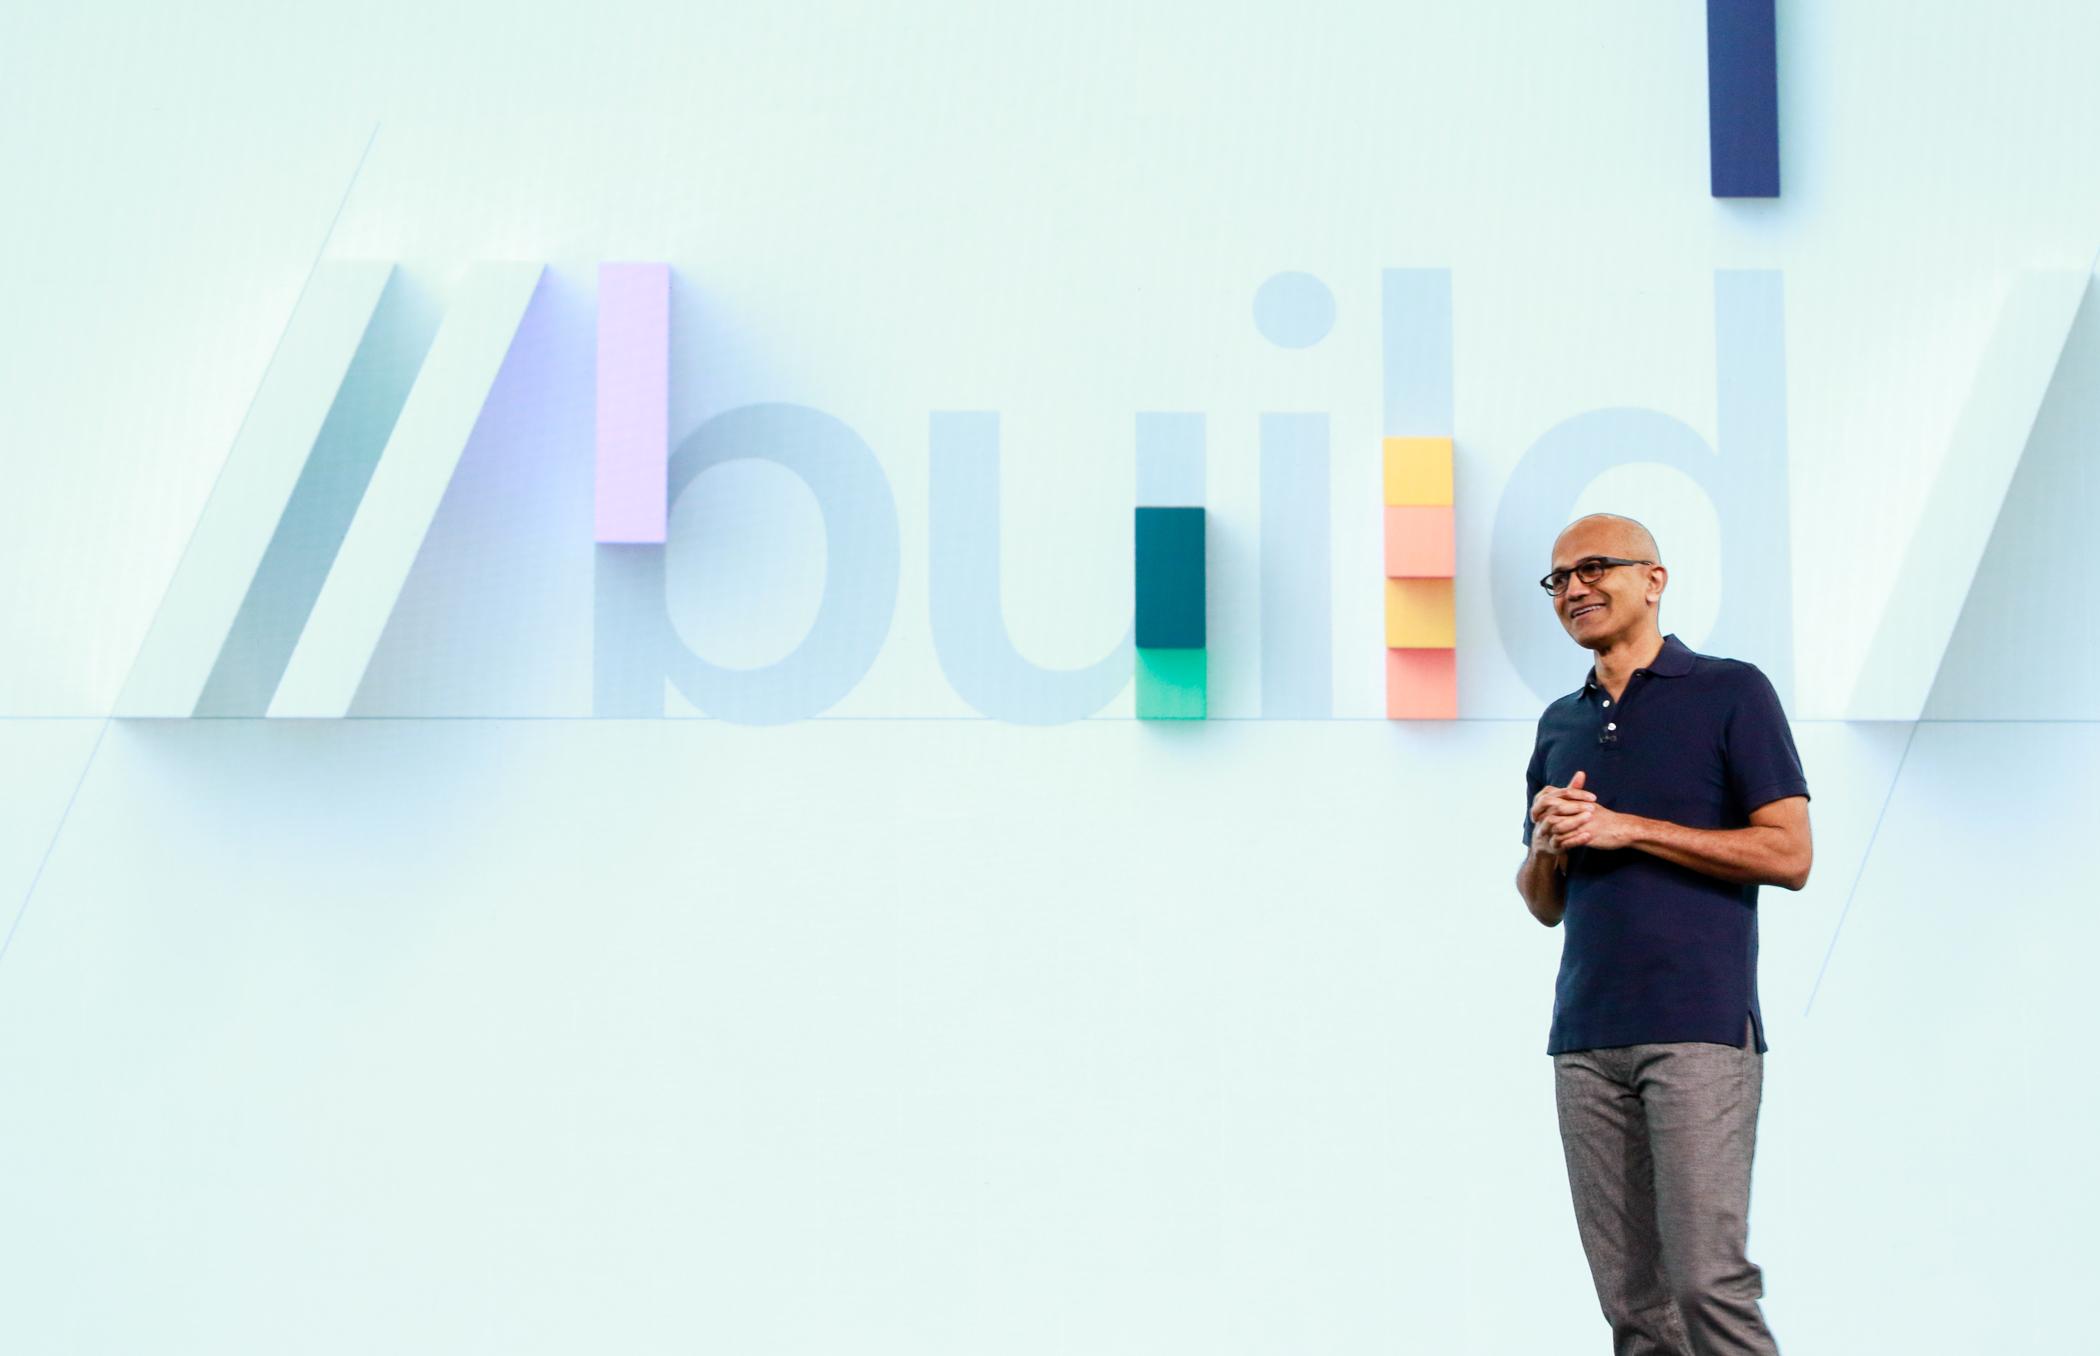 Coronavirus : la Build 2020 de Microsoft sera remplacée par des vidéoconférences